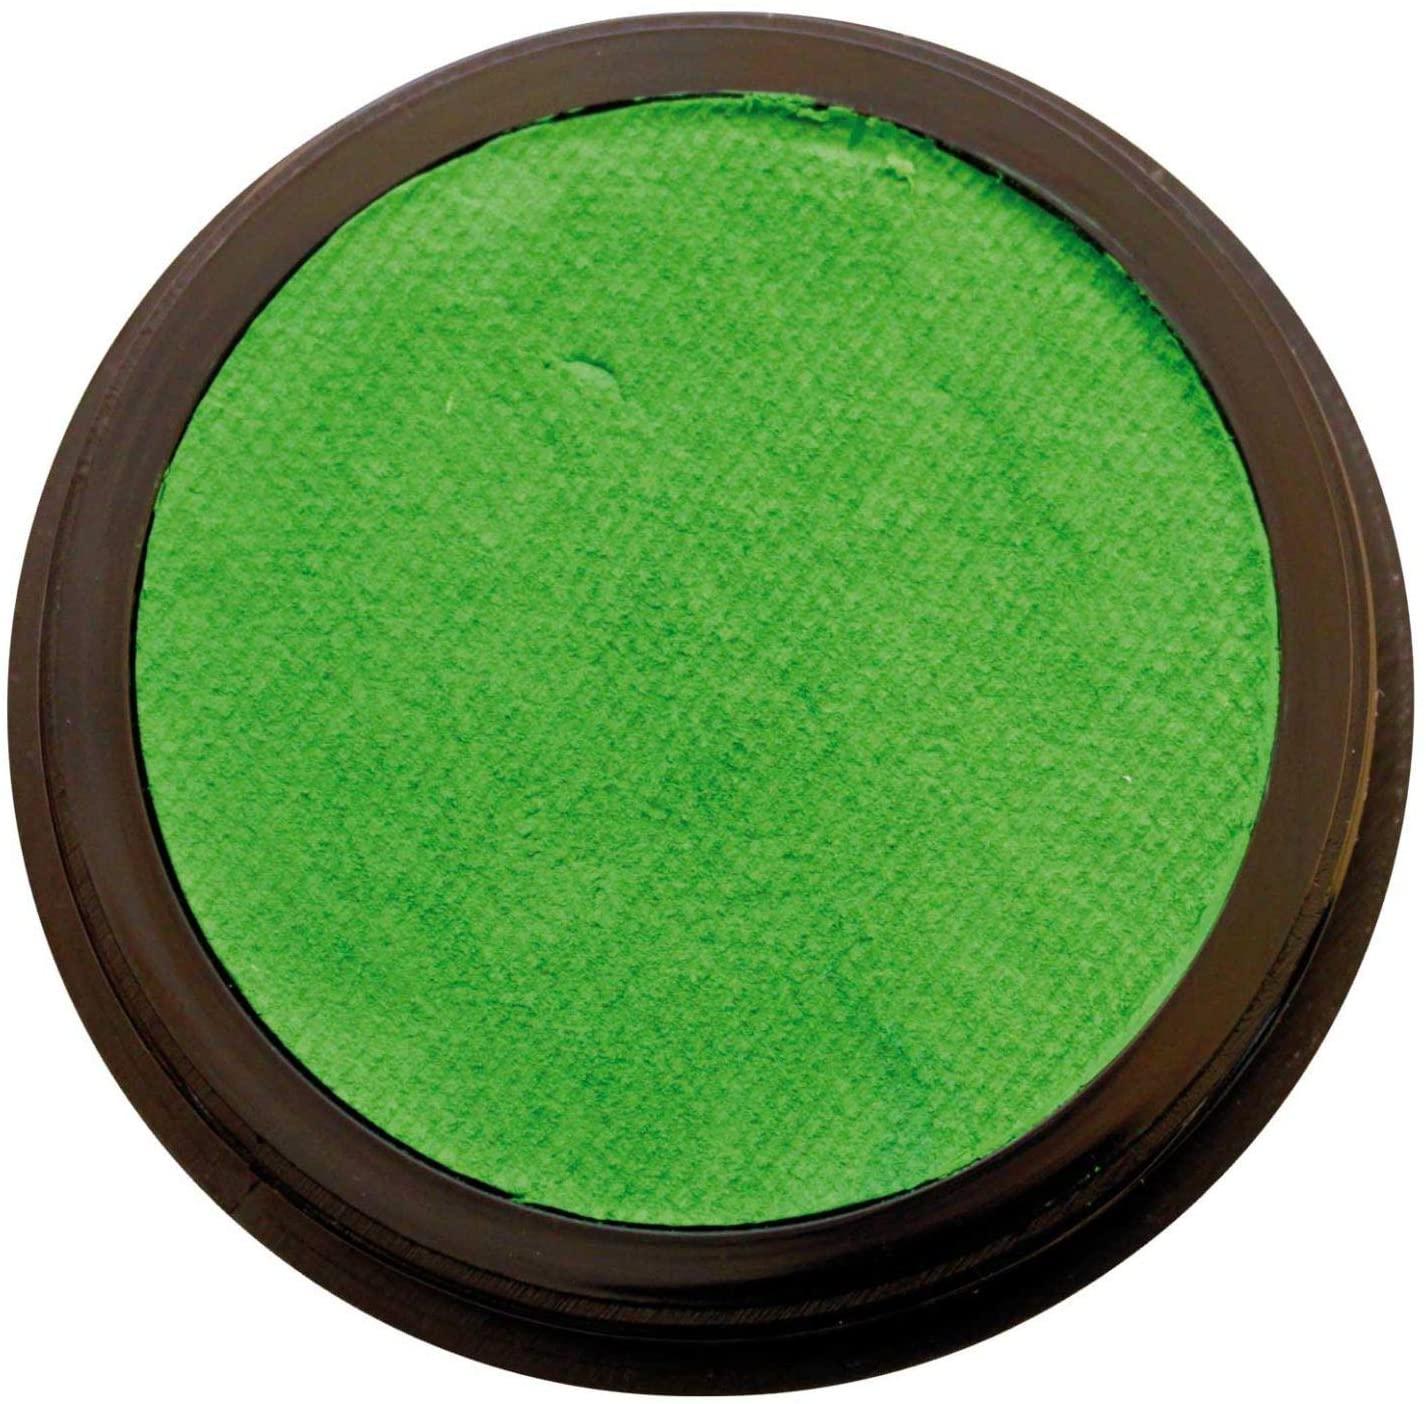 Creative Eulenspiegel 184776 Grass Green 20 ml/30 g Professional Aqua Make-Up